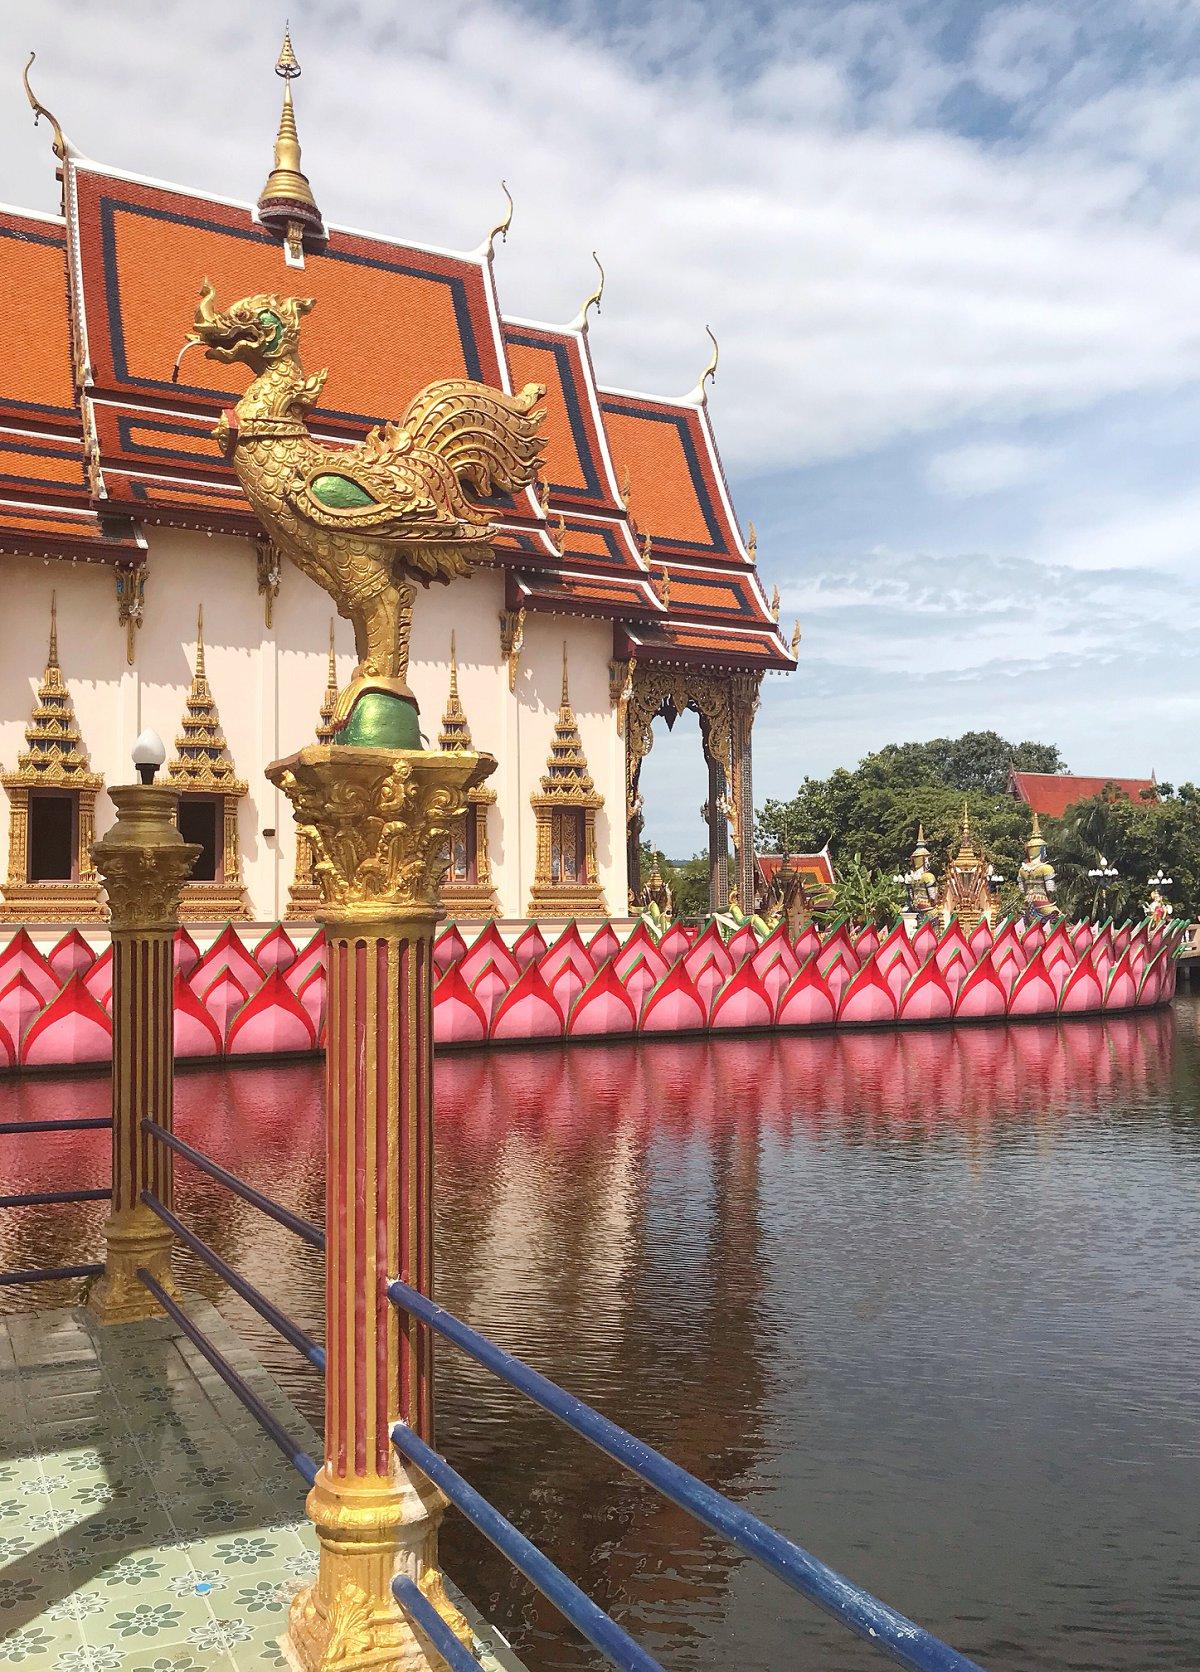 Wat Plai Leam Koh Samui Thailand